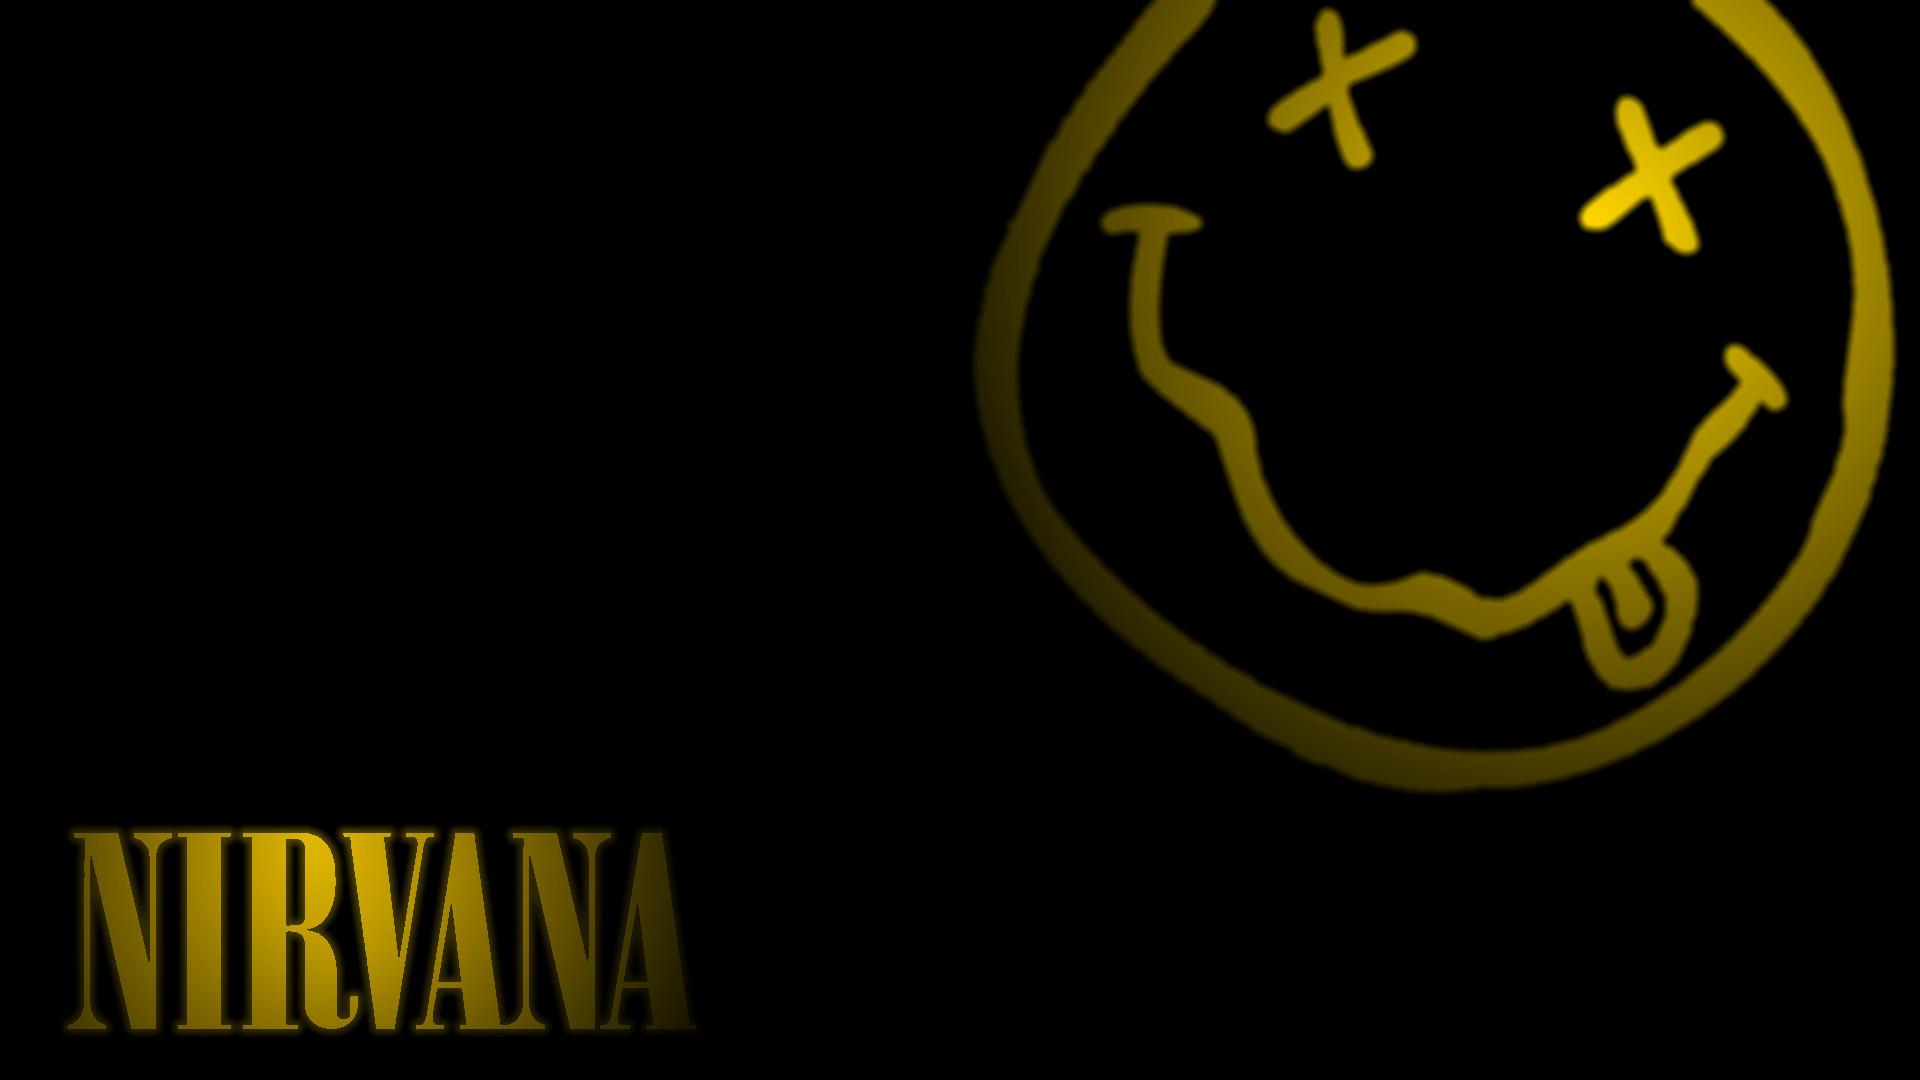 Nirvana Wallpaper Smiley Logo by TheJariZ on DeviantArt